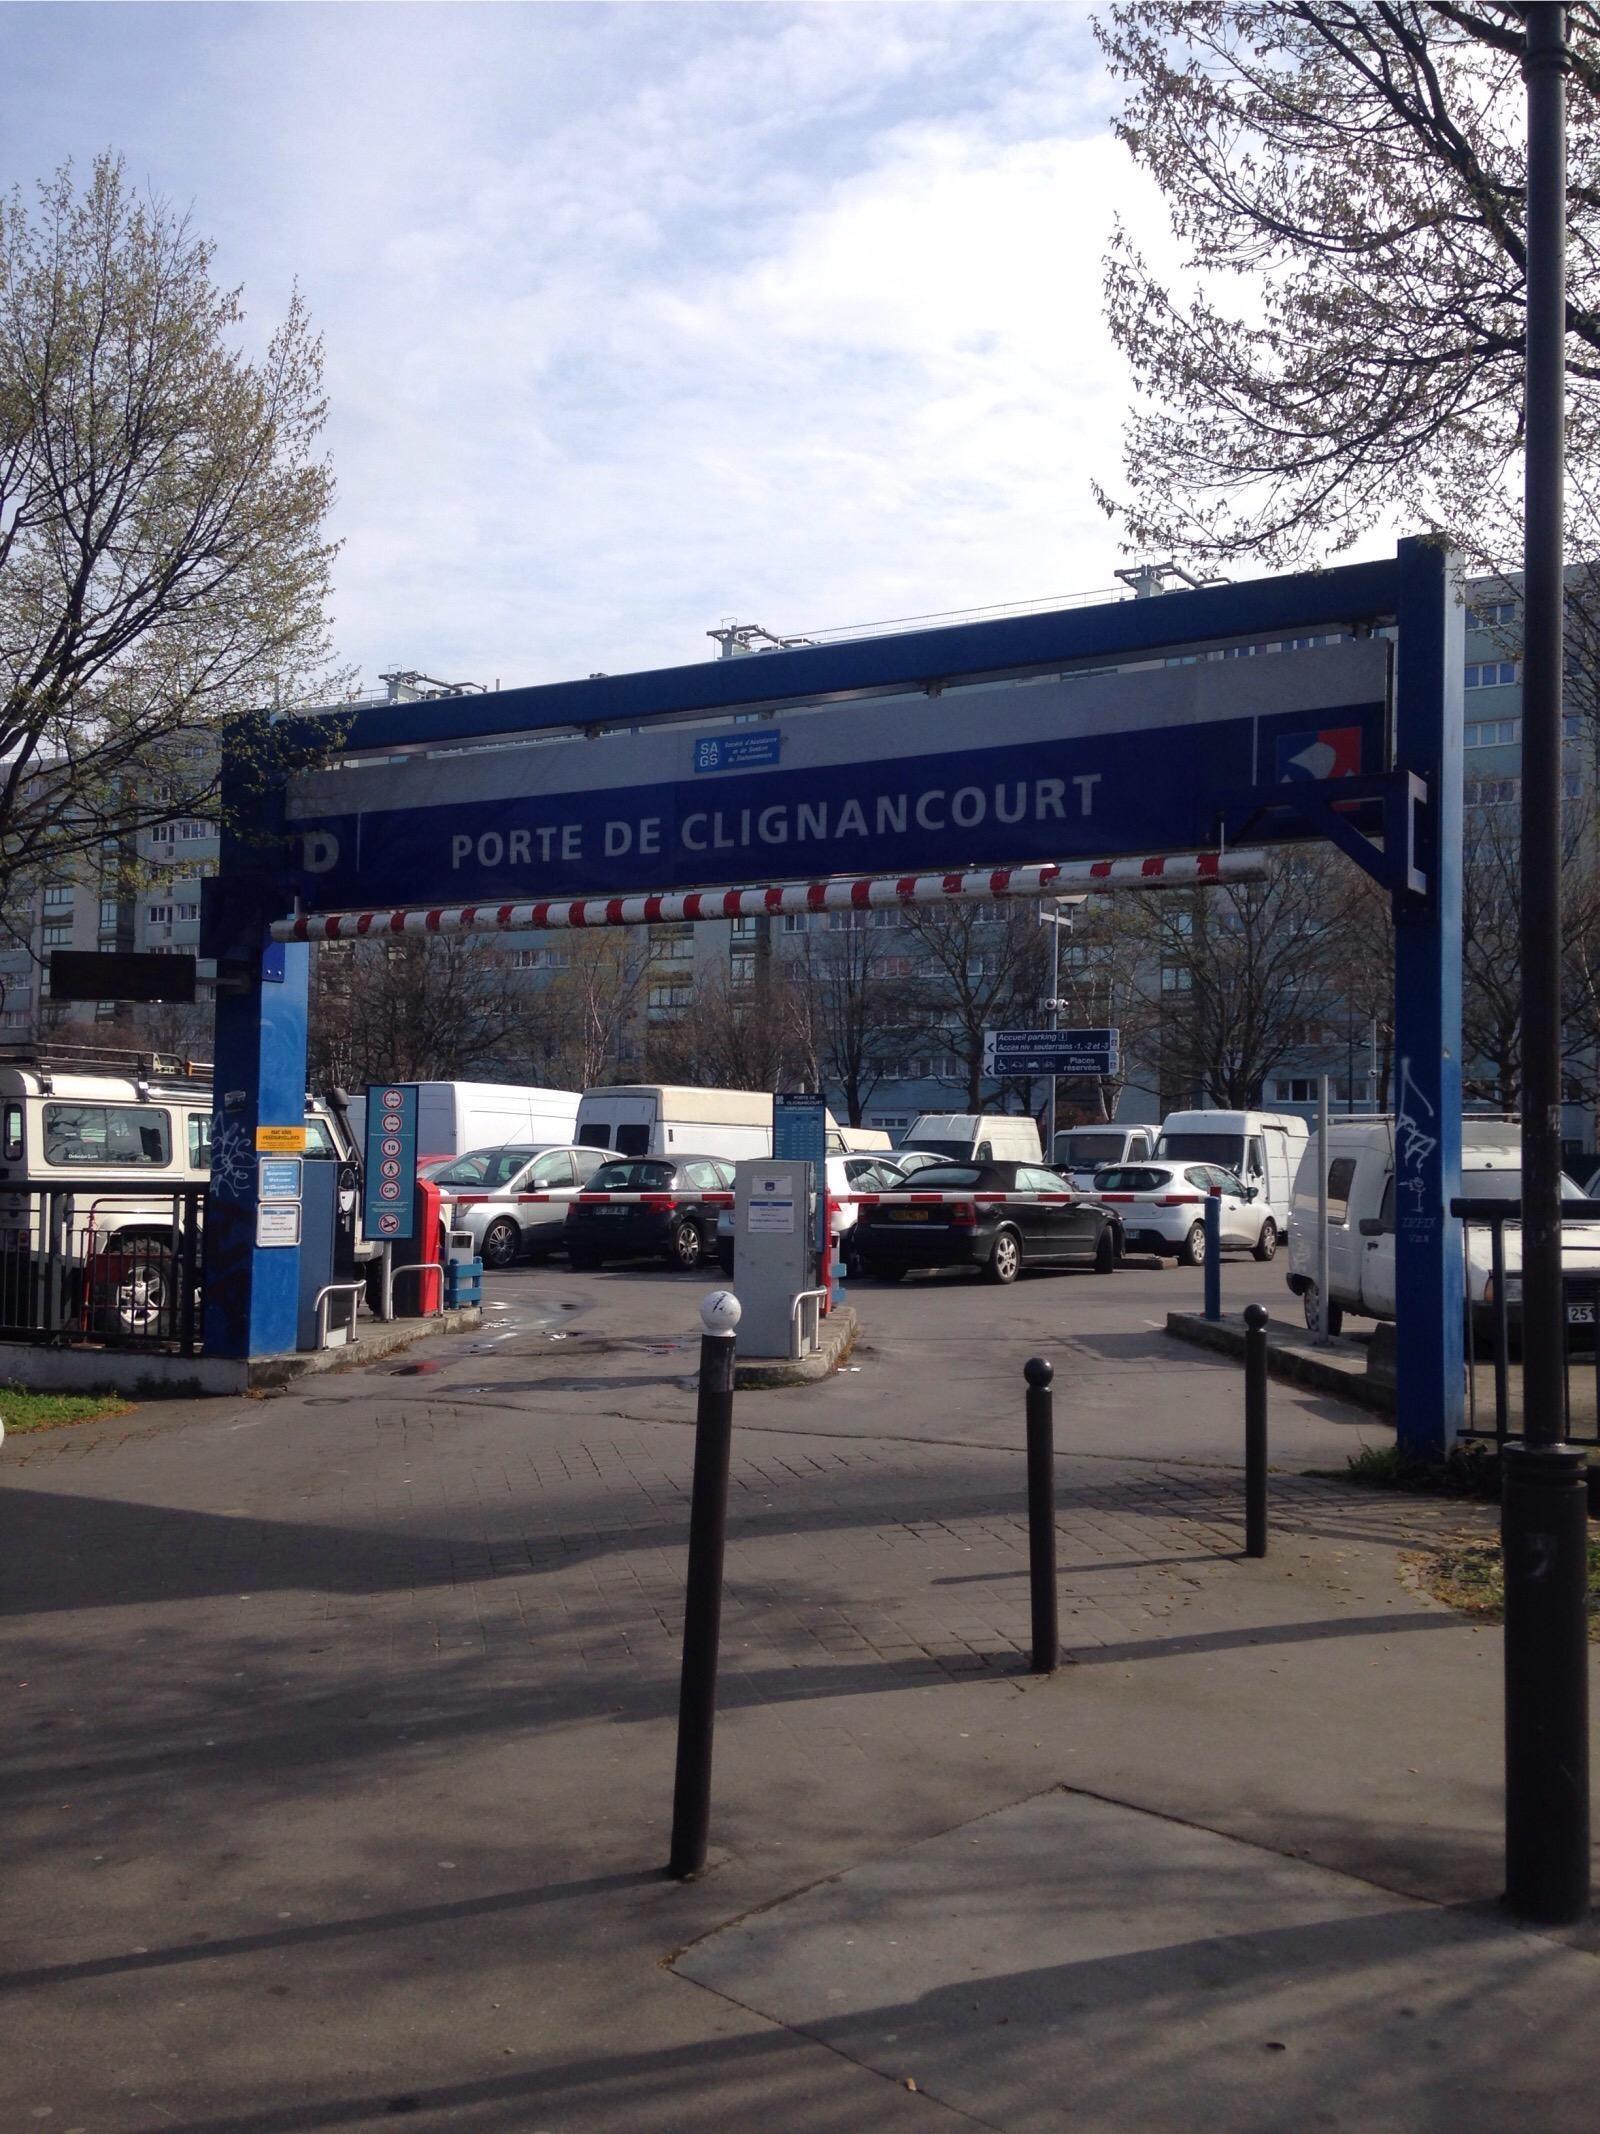 Porte de clignancourt parking in paris parkme - Parking porte d orleans paris ...